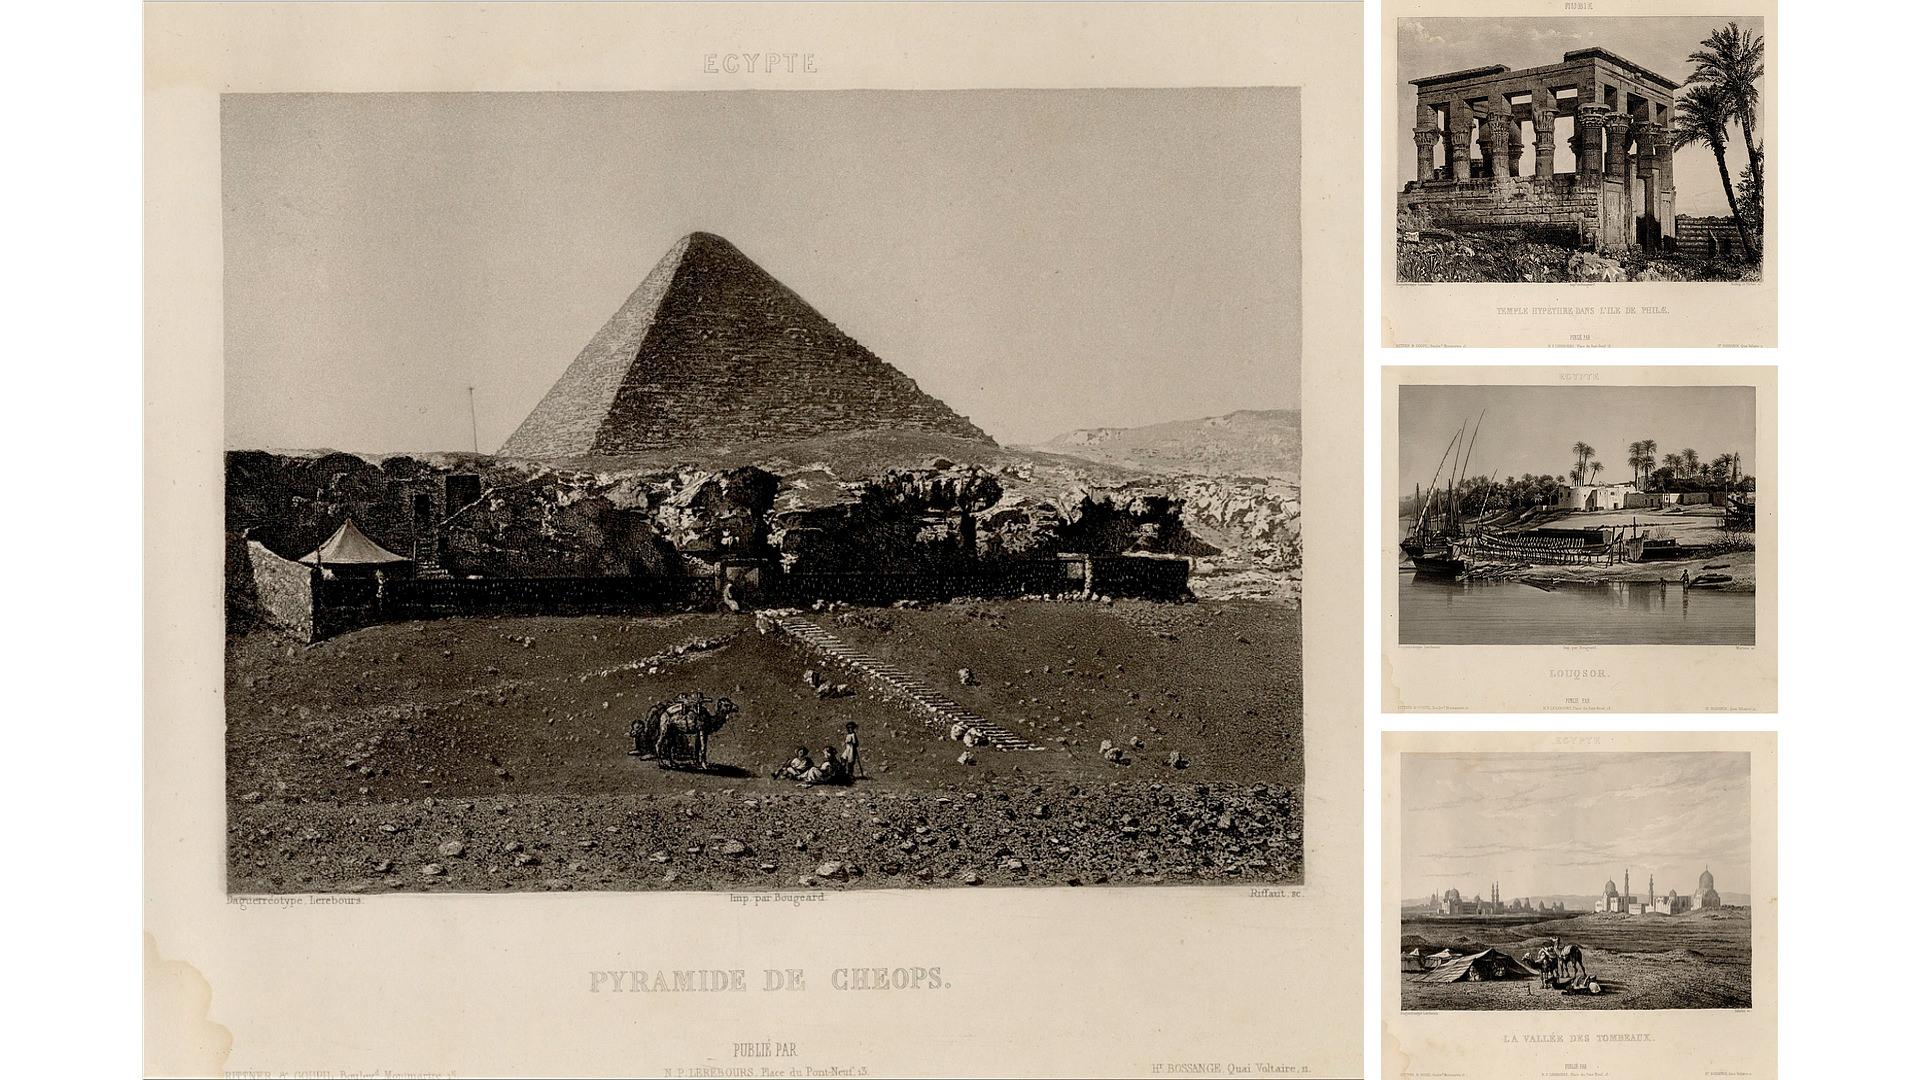 Nöel Lerebours - Excursiones Daguerrianas - Historia de la Fotografía - José Álvarez Fotografía